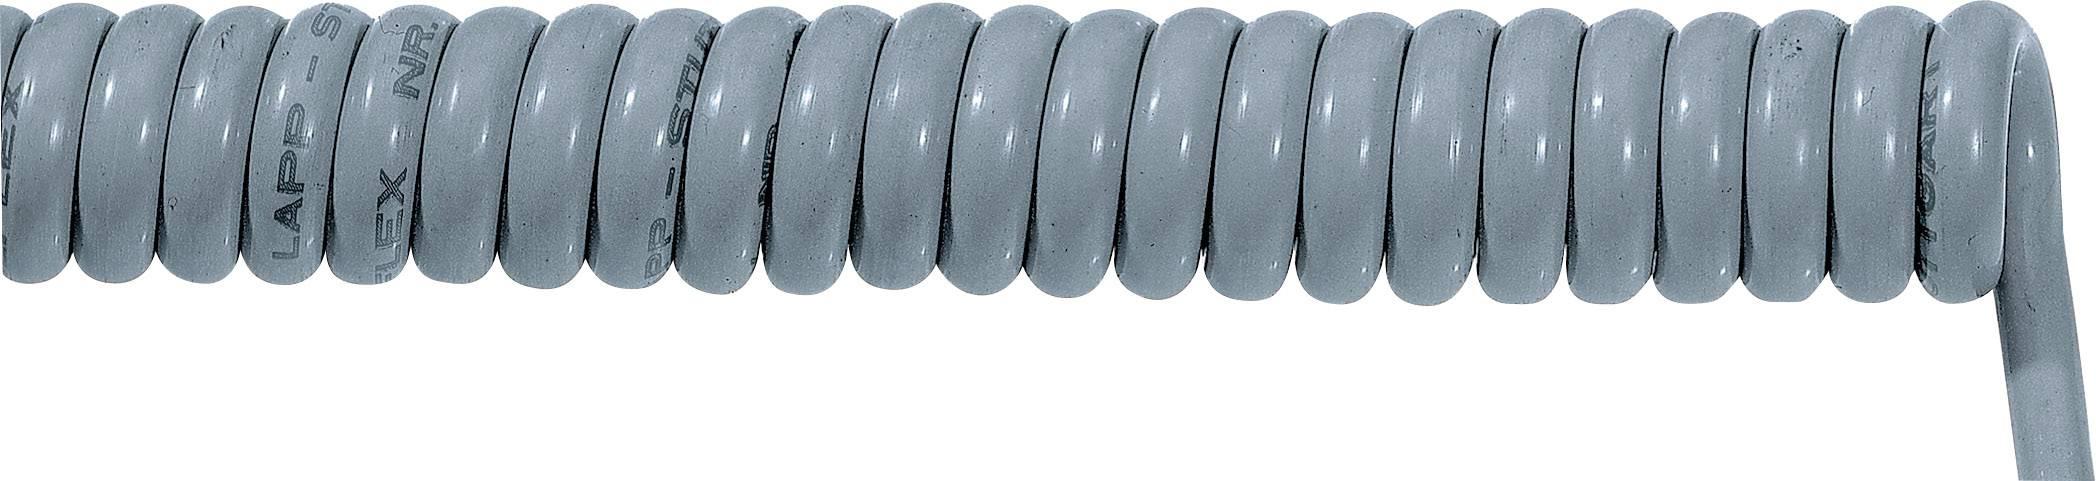 Špirálový kábel 70002688 ÖLFLEX® SPIRAL 400 P 3 x 1.50 mm², 1000 mm / 3000 mm, sivá